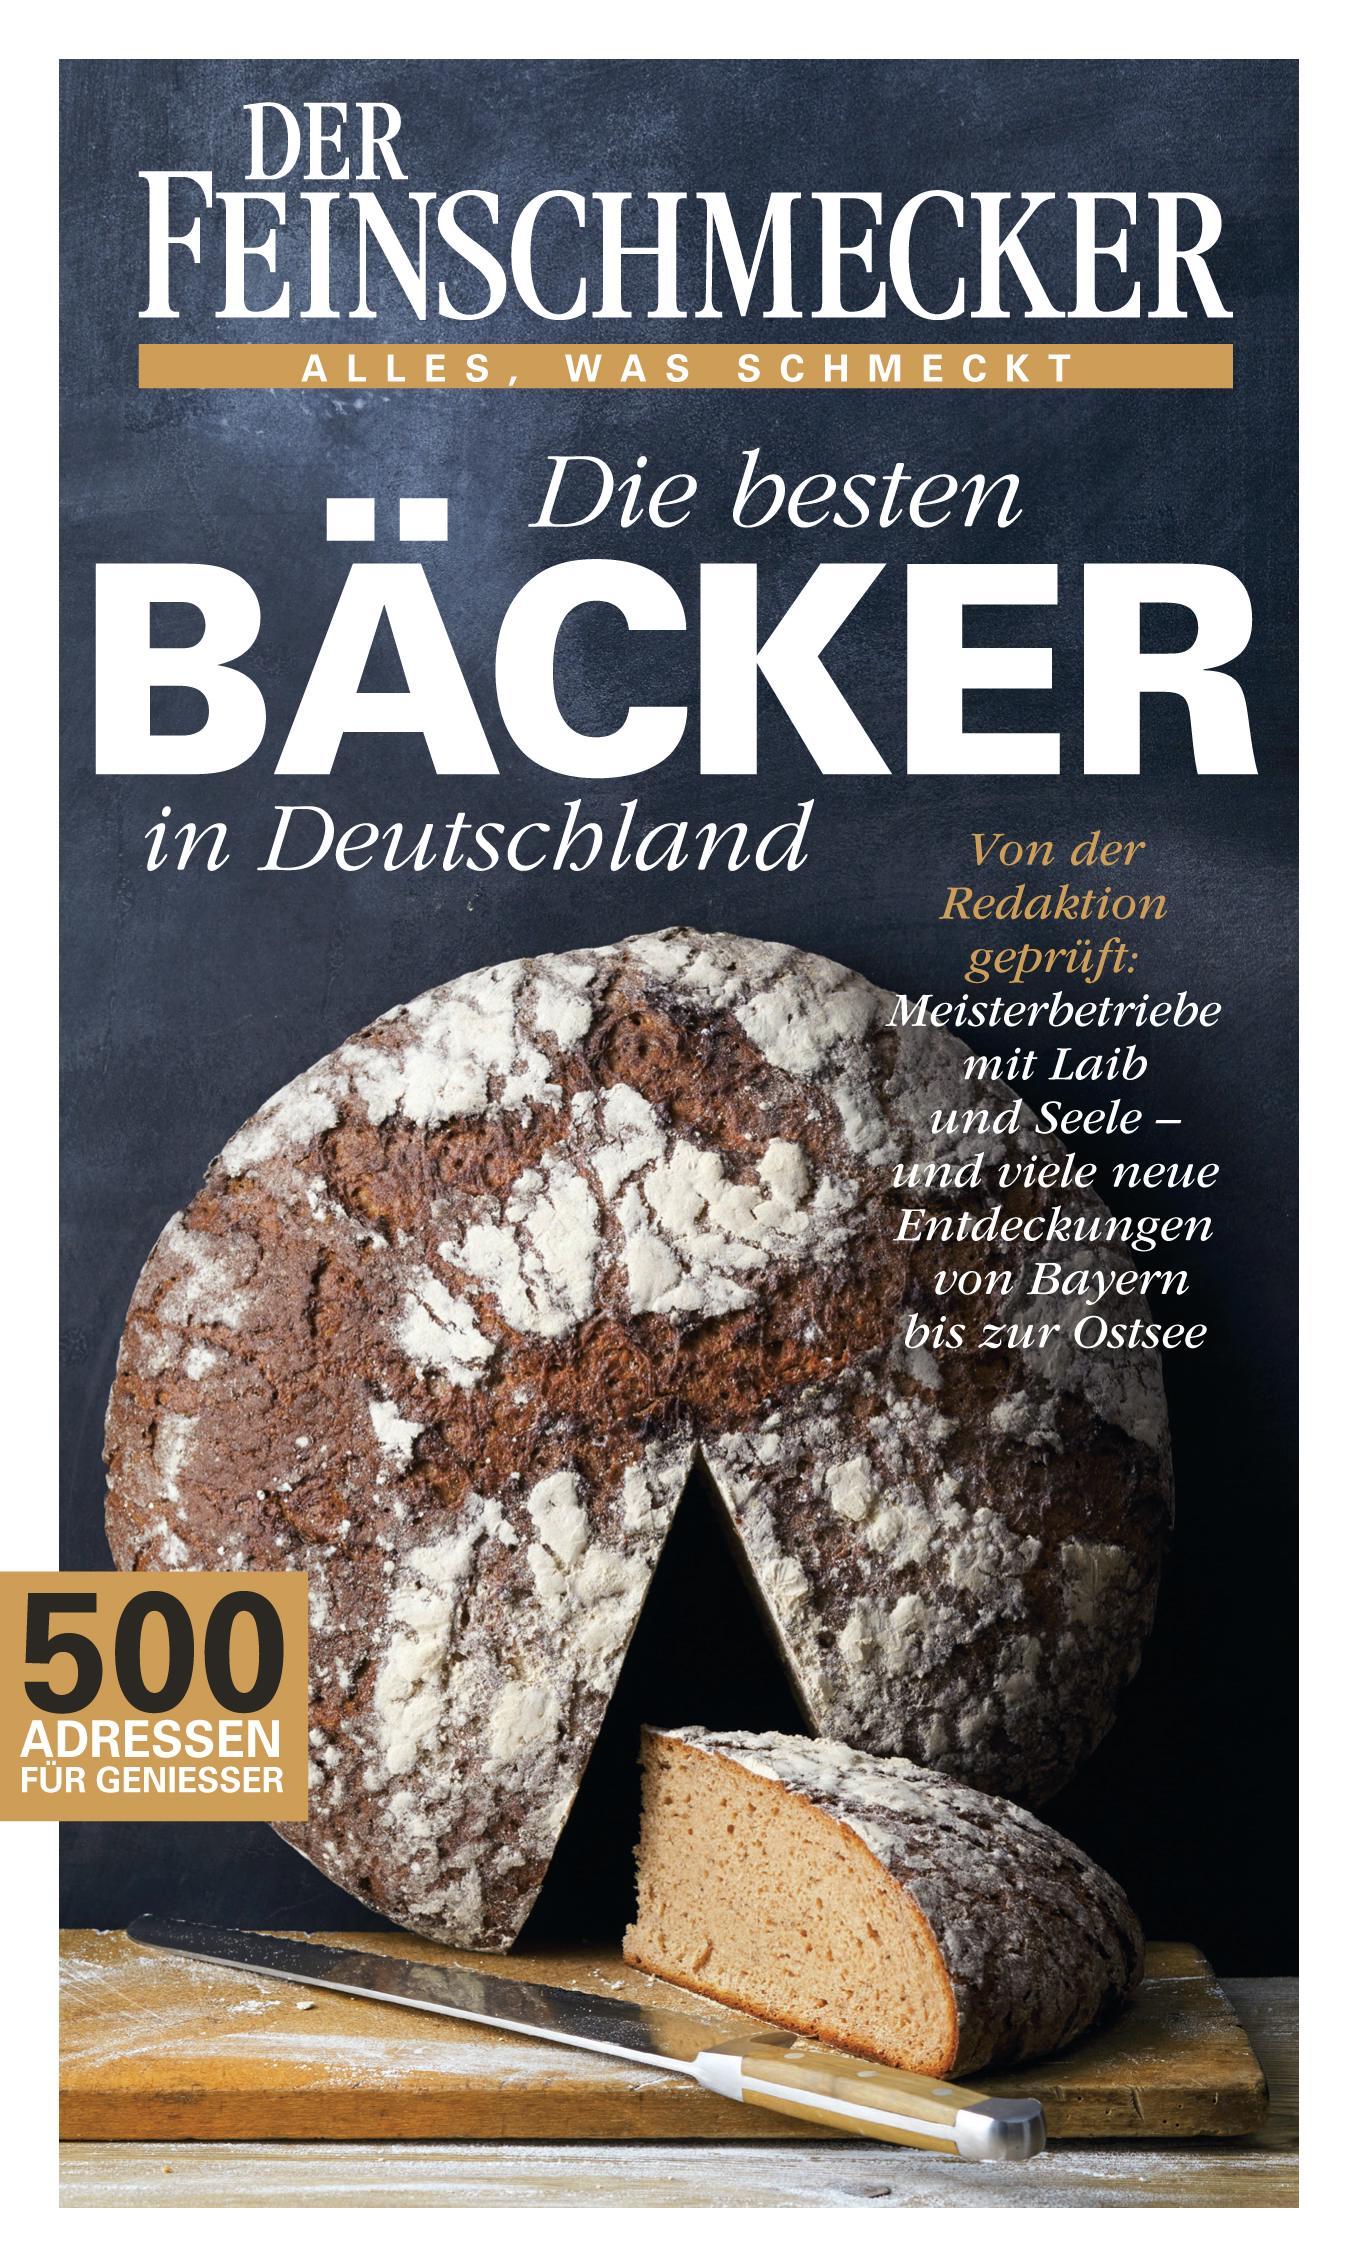 Die besten b cker deutschlands gek rt vom magazin der for Die besten innenarchitekten deutschlands